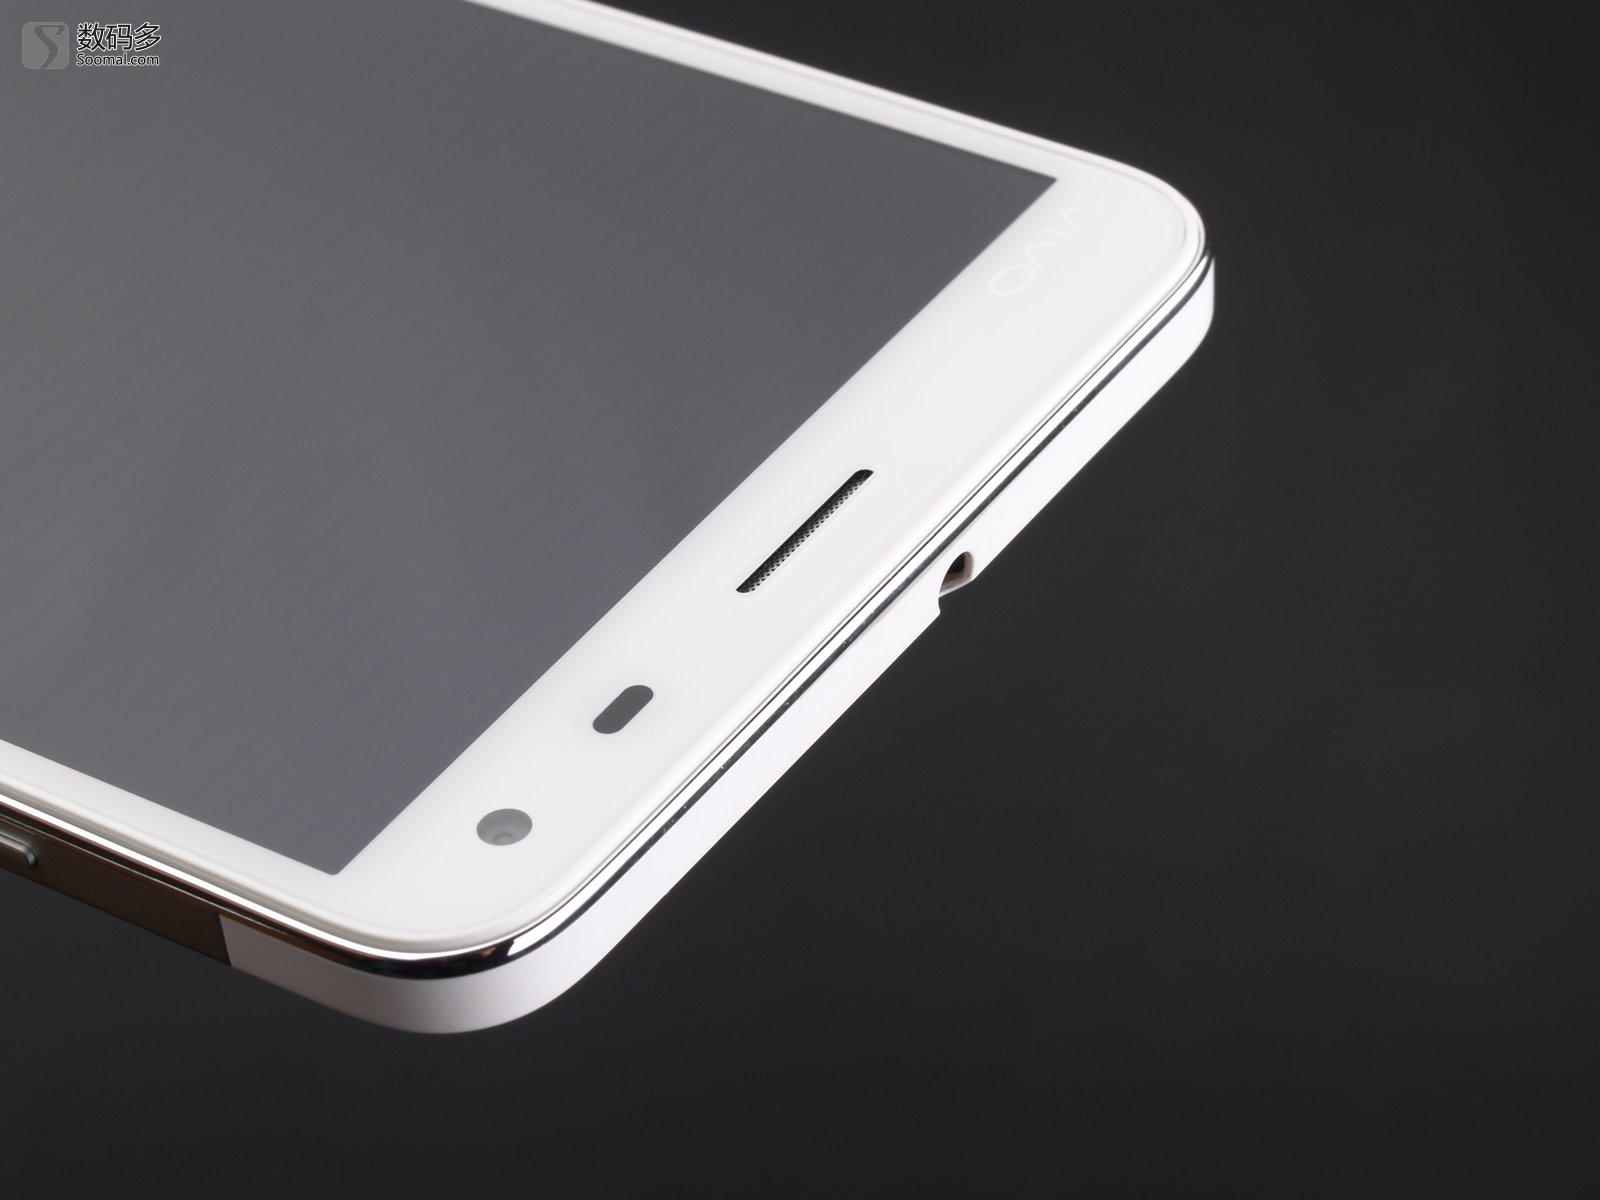 智能手机-micro usb接口; vivo xplay 智能手机-顶部; 步步高 vivo x